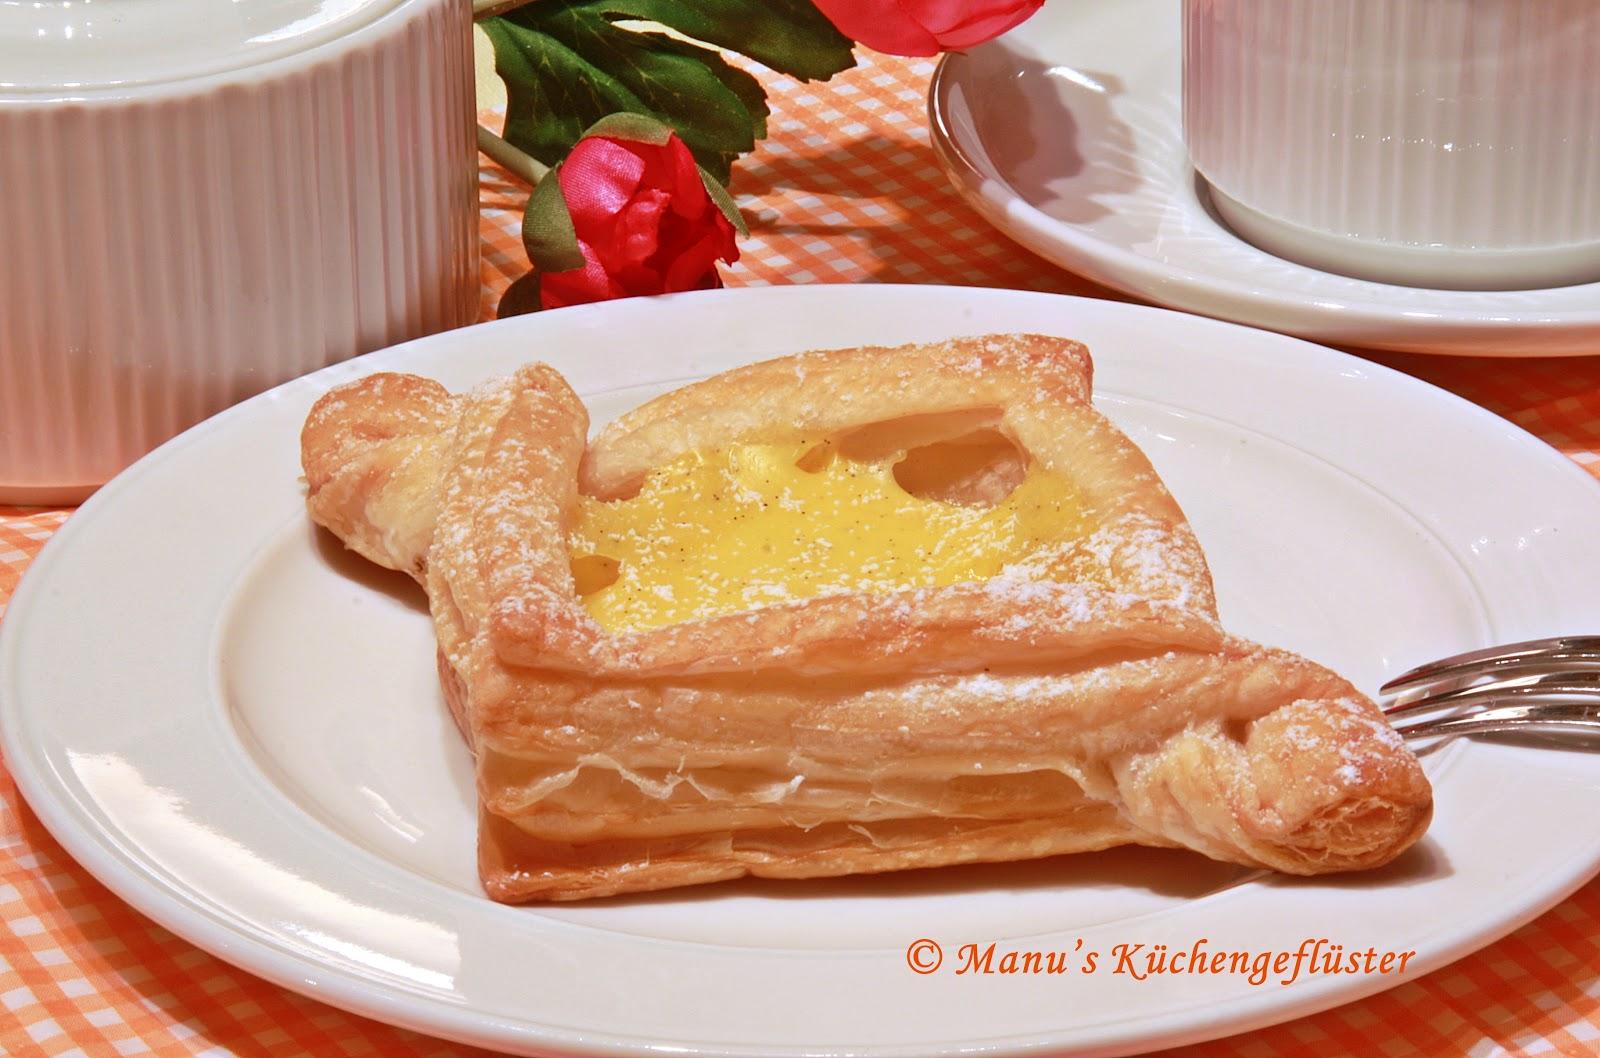 Manus Küchengeflüster: Süße Stückle mit Pudding